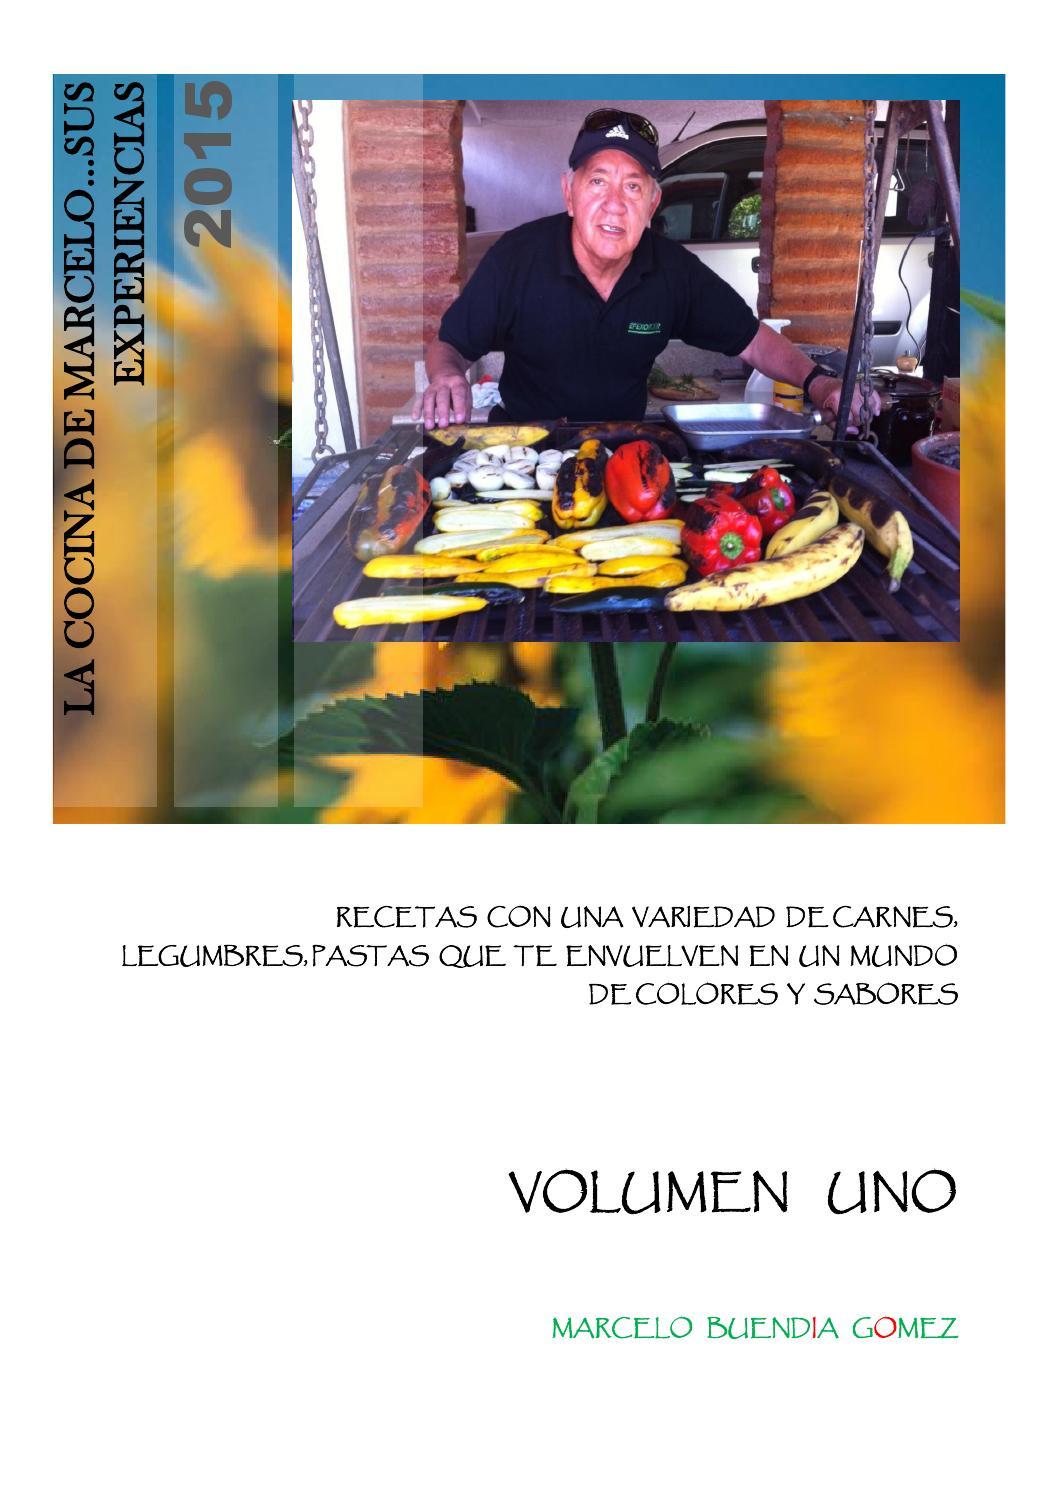 La Cocina De Marcelo Sus Experiencias Volumen 1 2013 By